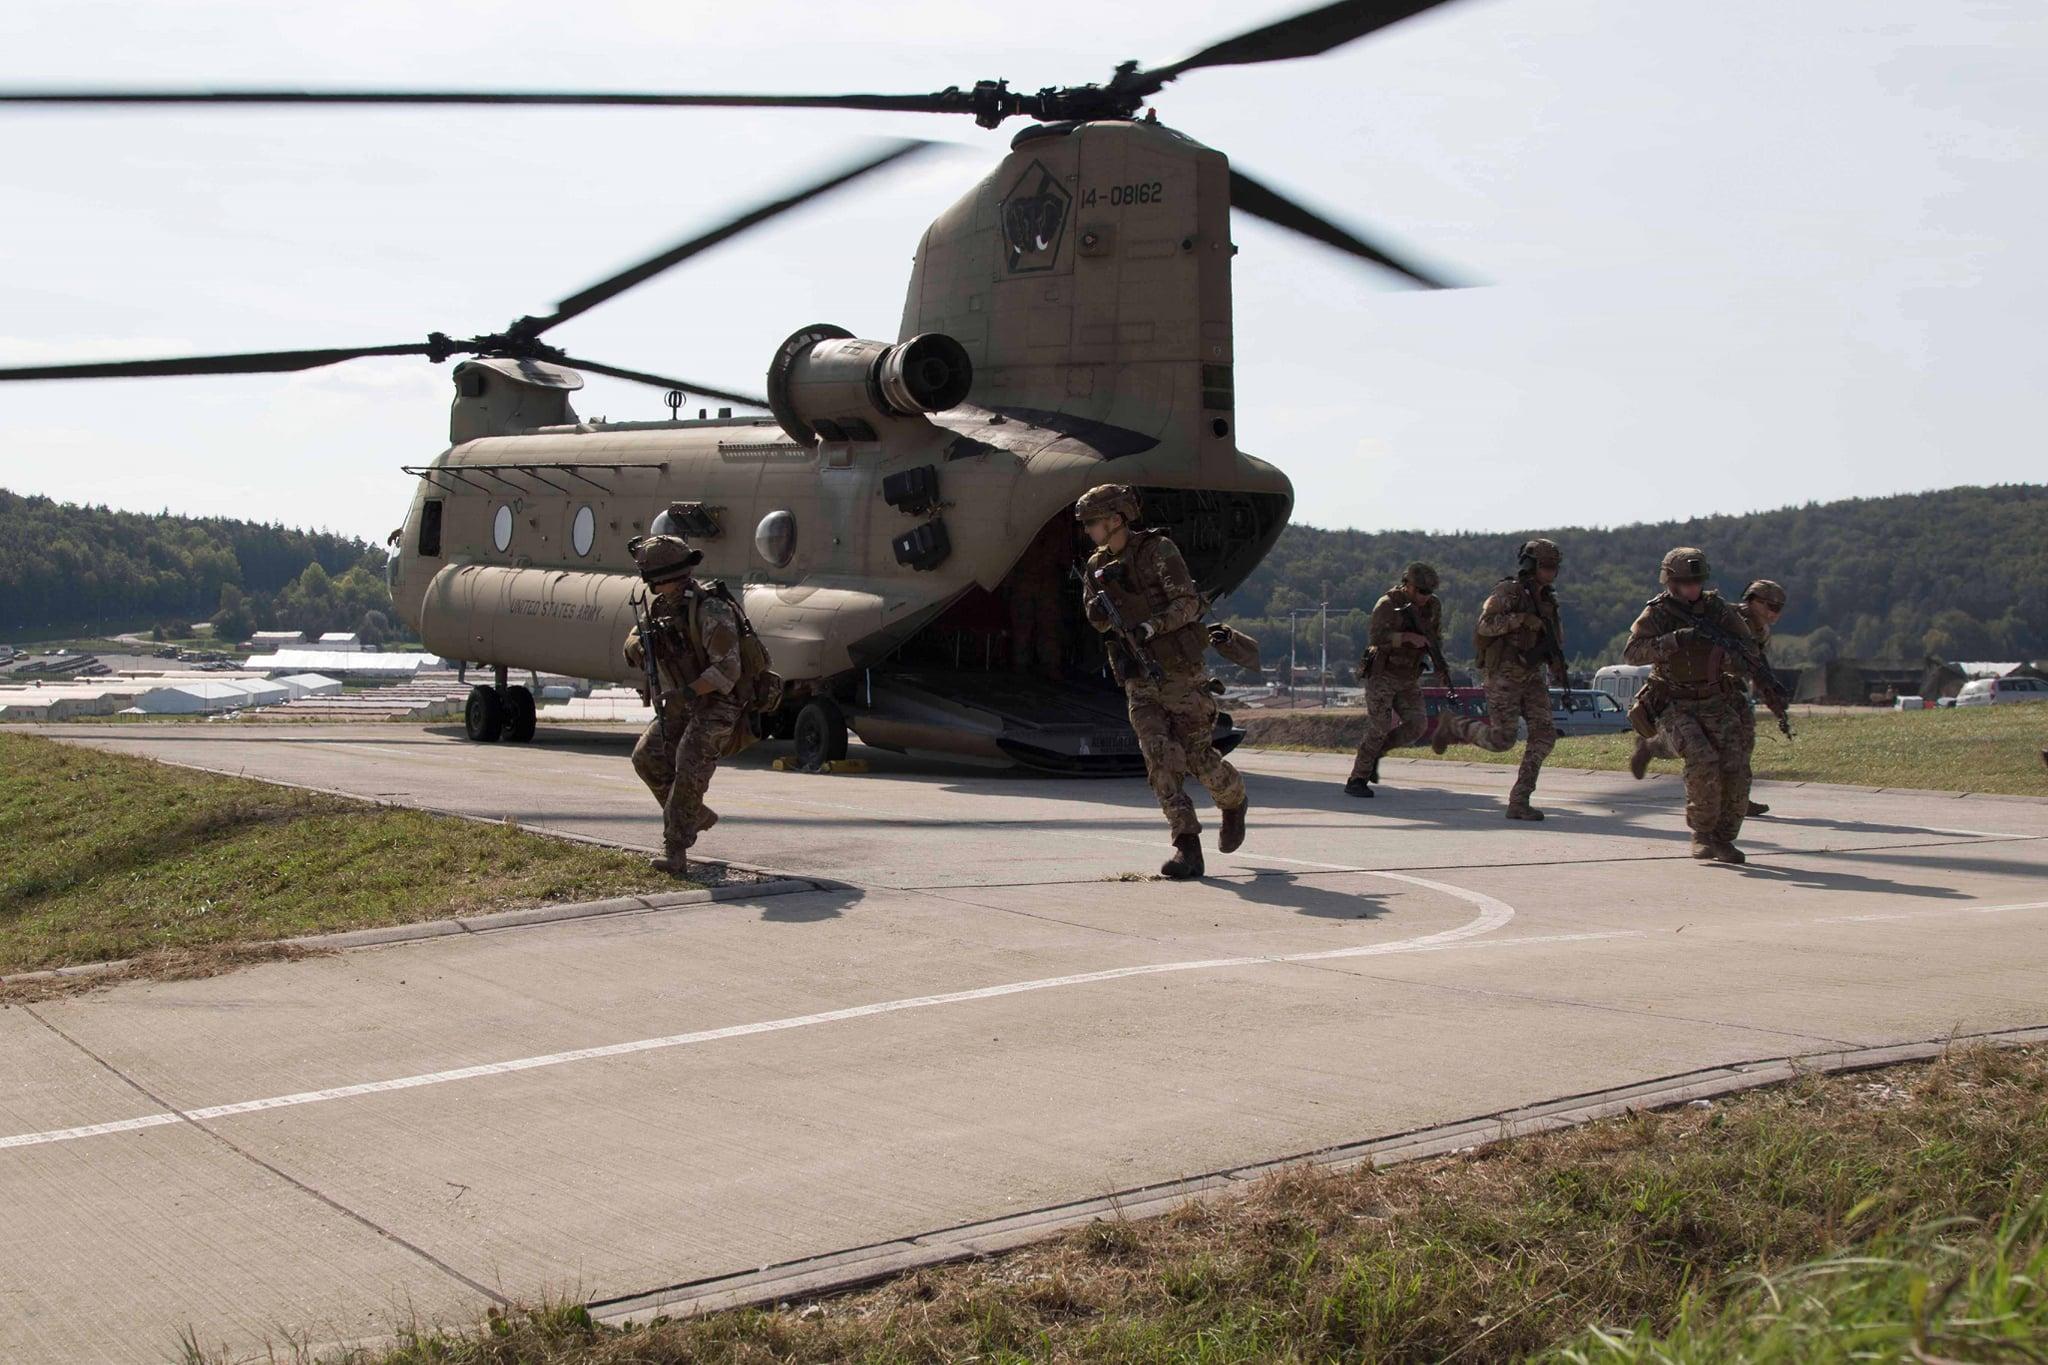 Спецназ ССО ВСУ произвел высадку на вертолетах США Black Hawk и Chinook: в полной боевой готовности